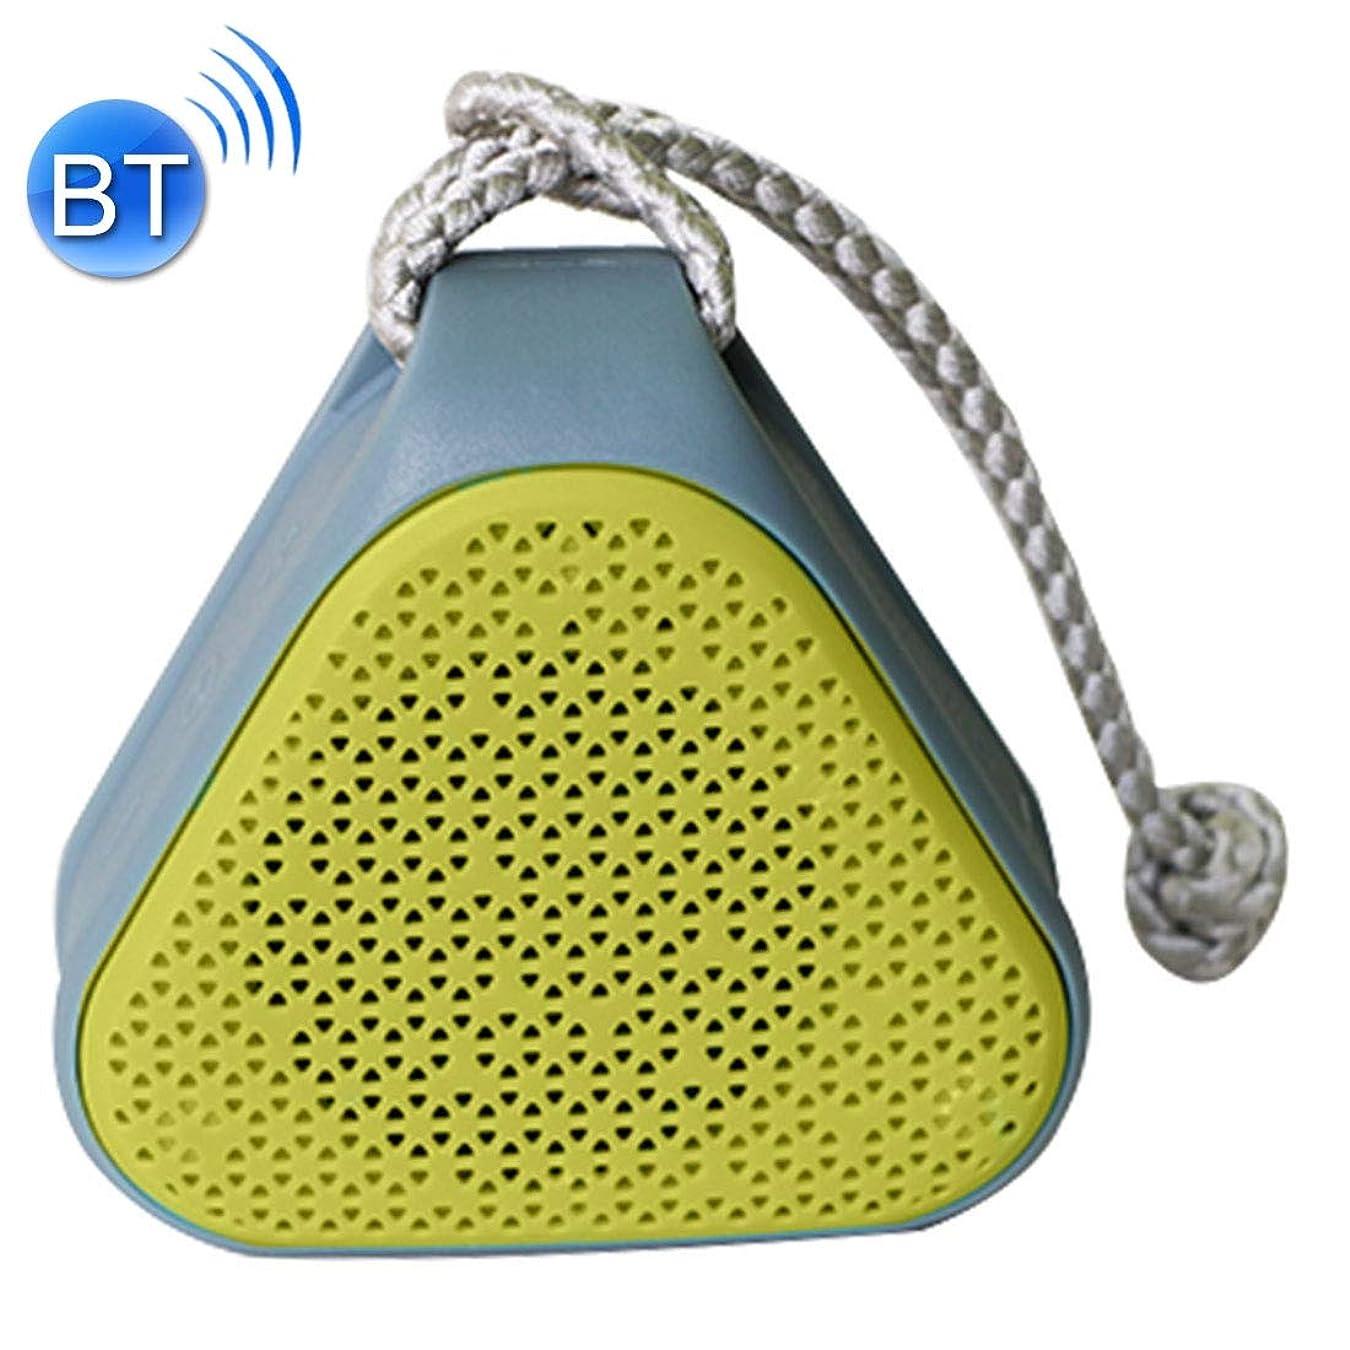 進行中抱擁人気のZYIS Bluetoothのポータブルスピーカー、ポータブルBluetoothの4.1ステレオスピーカー、内蔵してMIC&ストラップ、サポートハンズフリー&AUX入力&TFカード&FM&MP3、Bluetoothの距離:10メートル(緑) (色 : 黄)